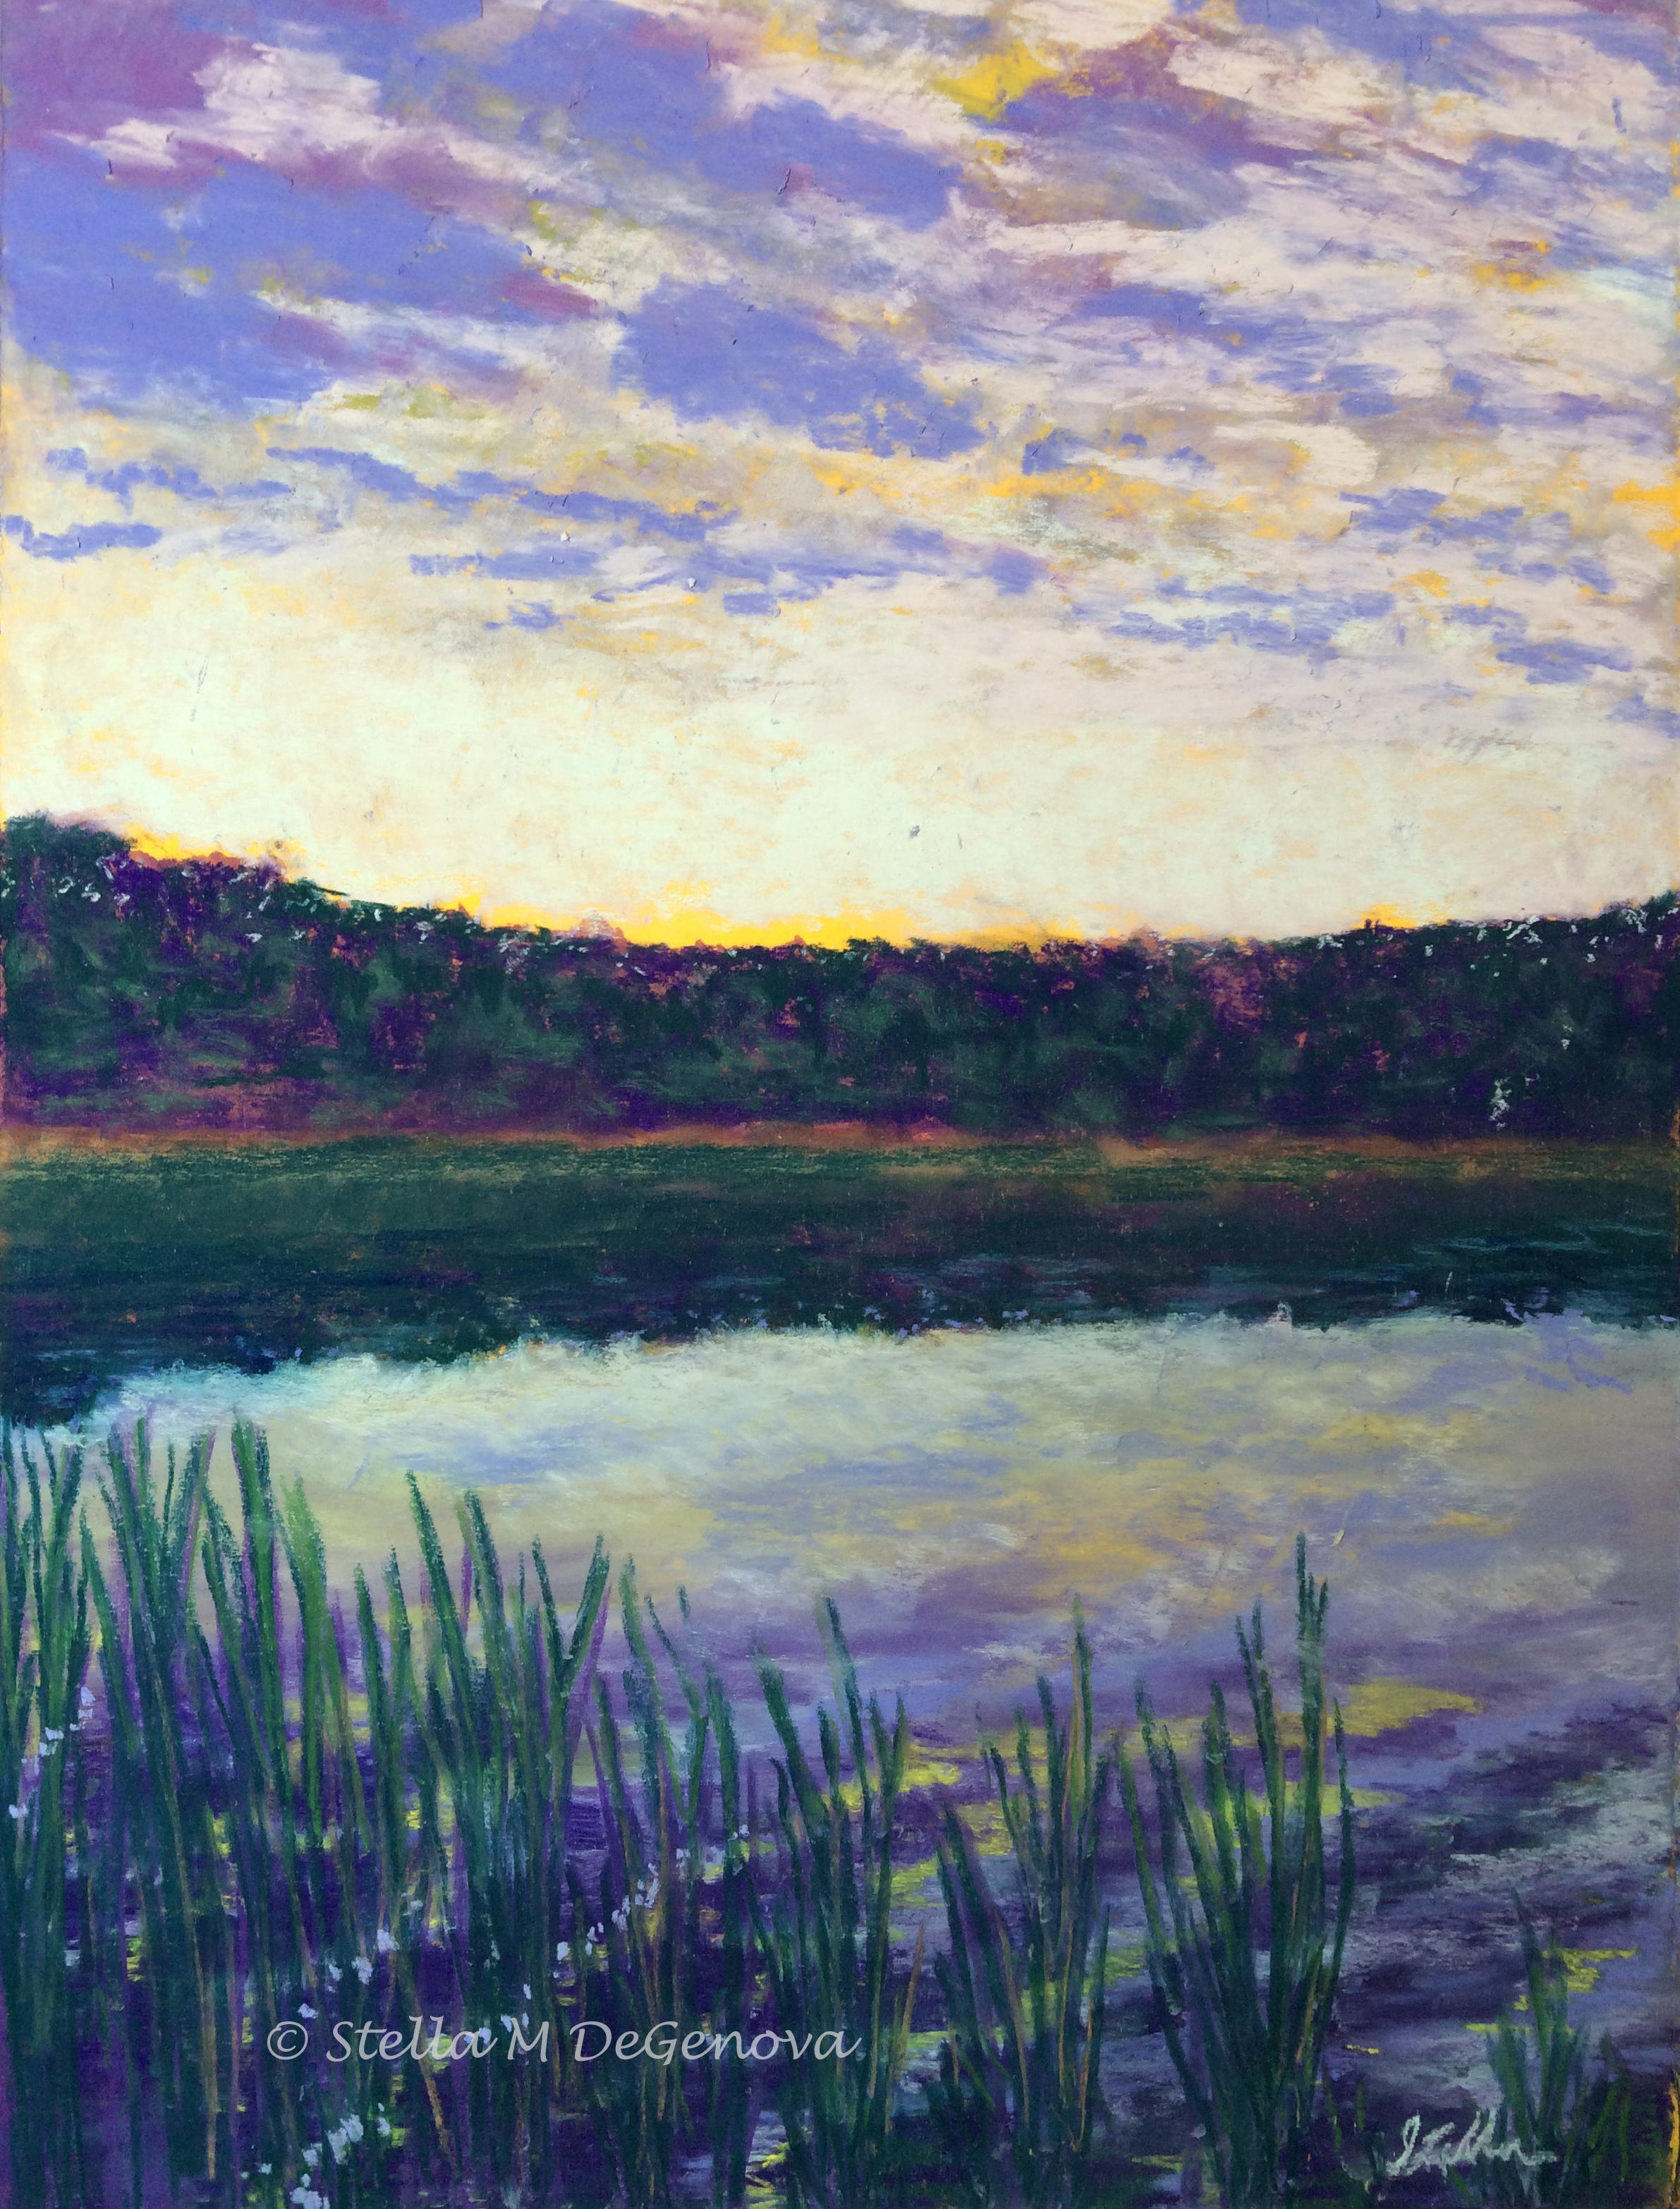 Lake View, pastel, 16 x 20